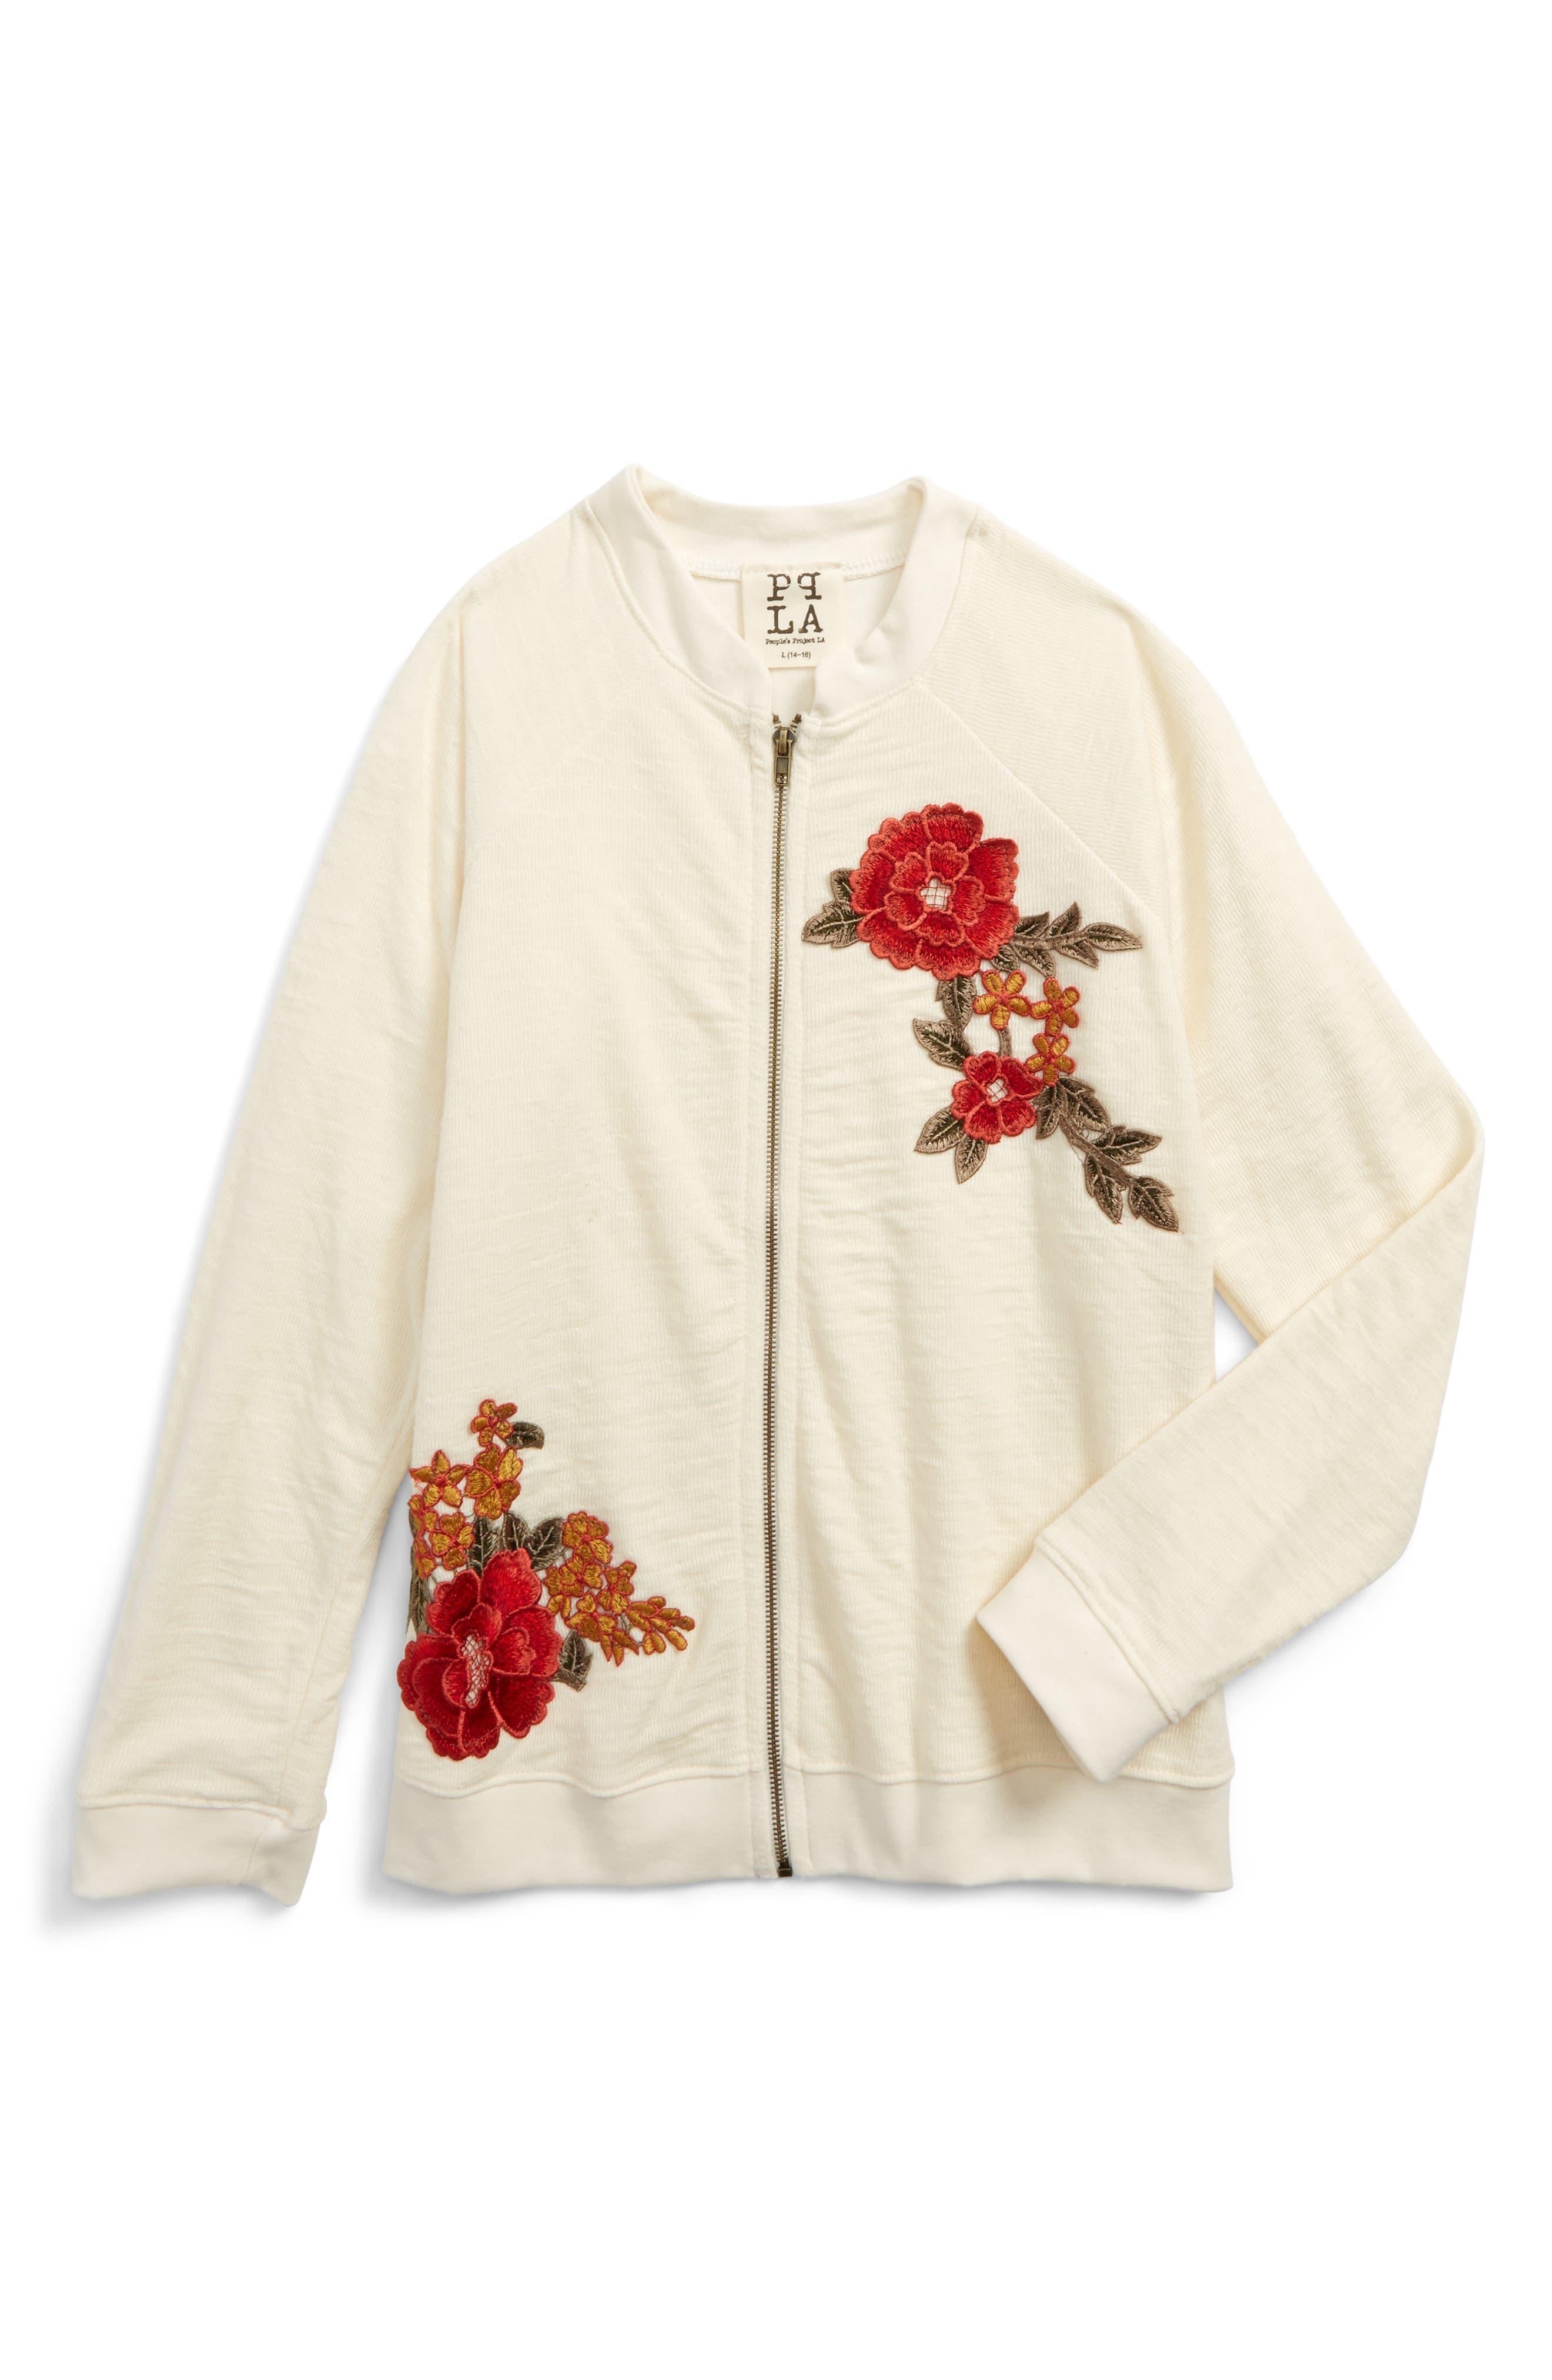 PPLA Floral Appliqué Knit Jacket (Big Girls)